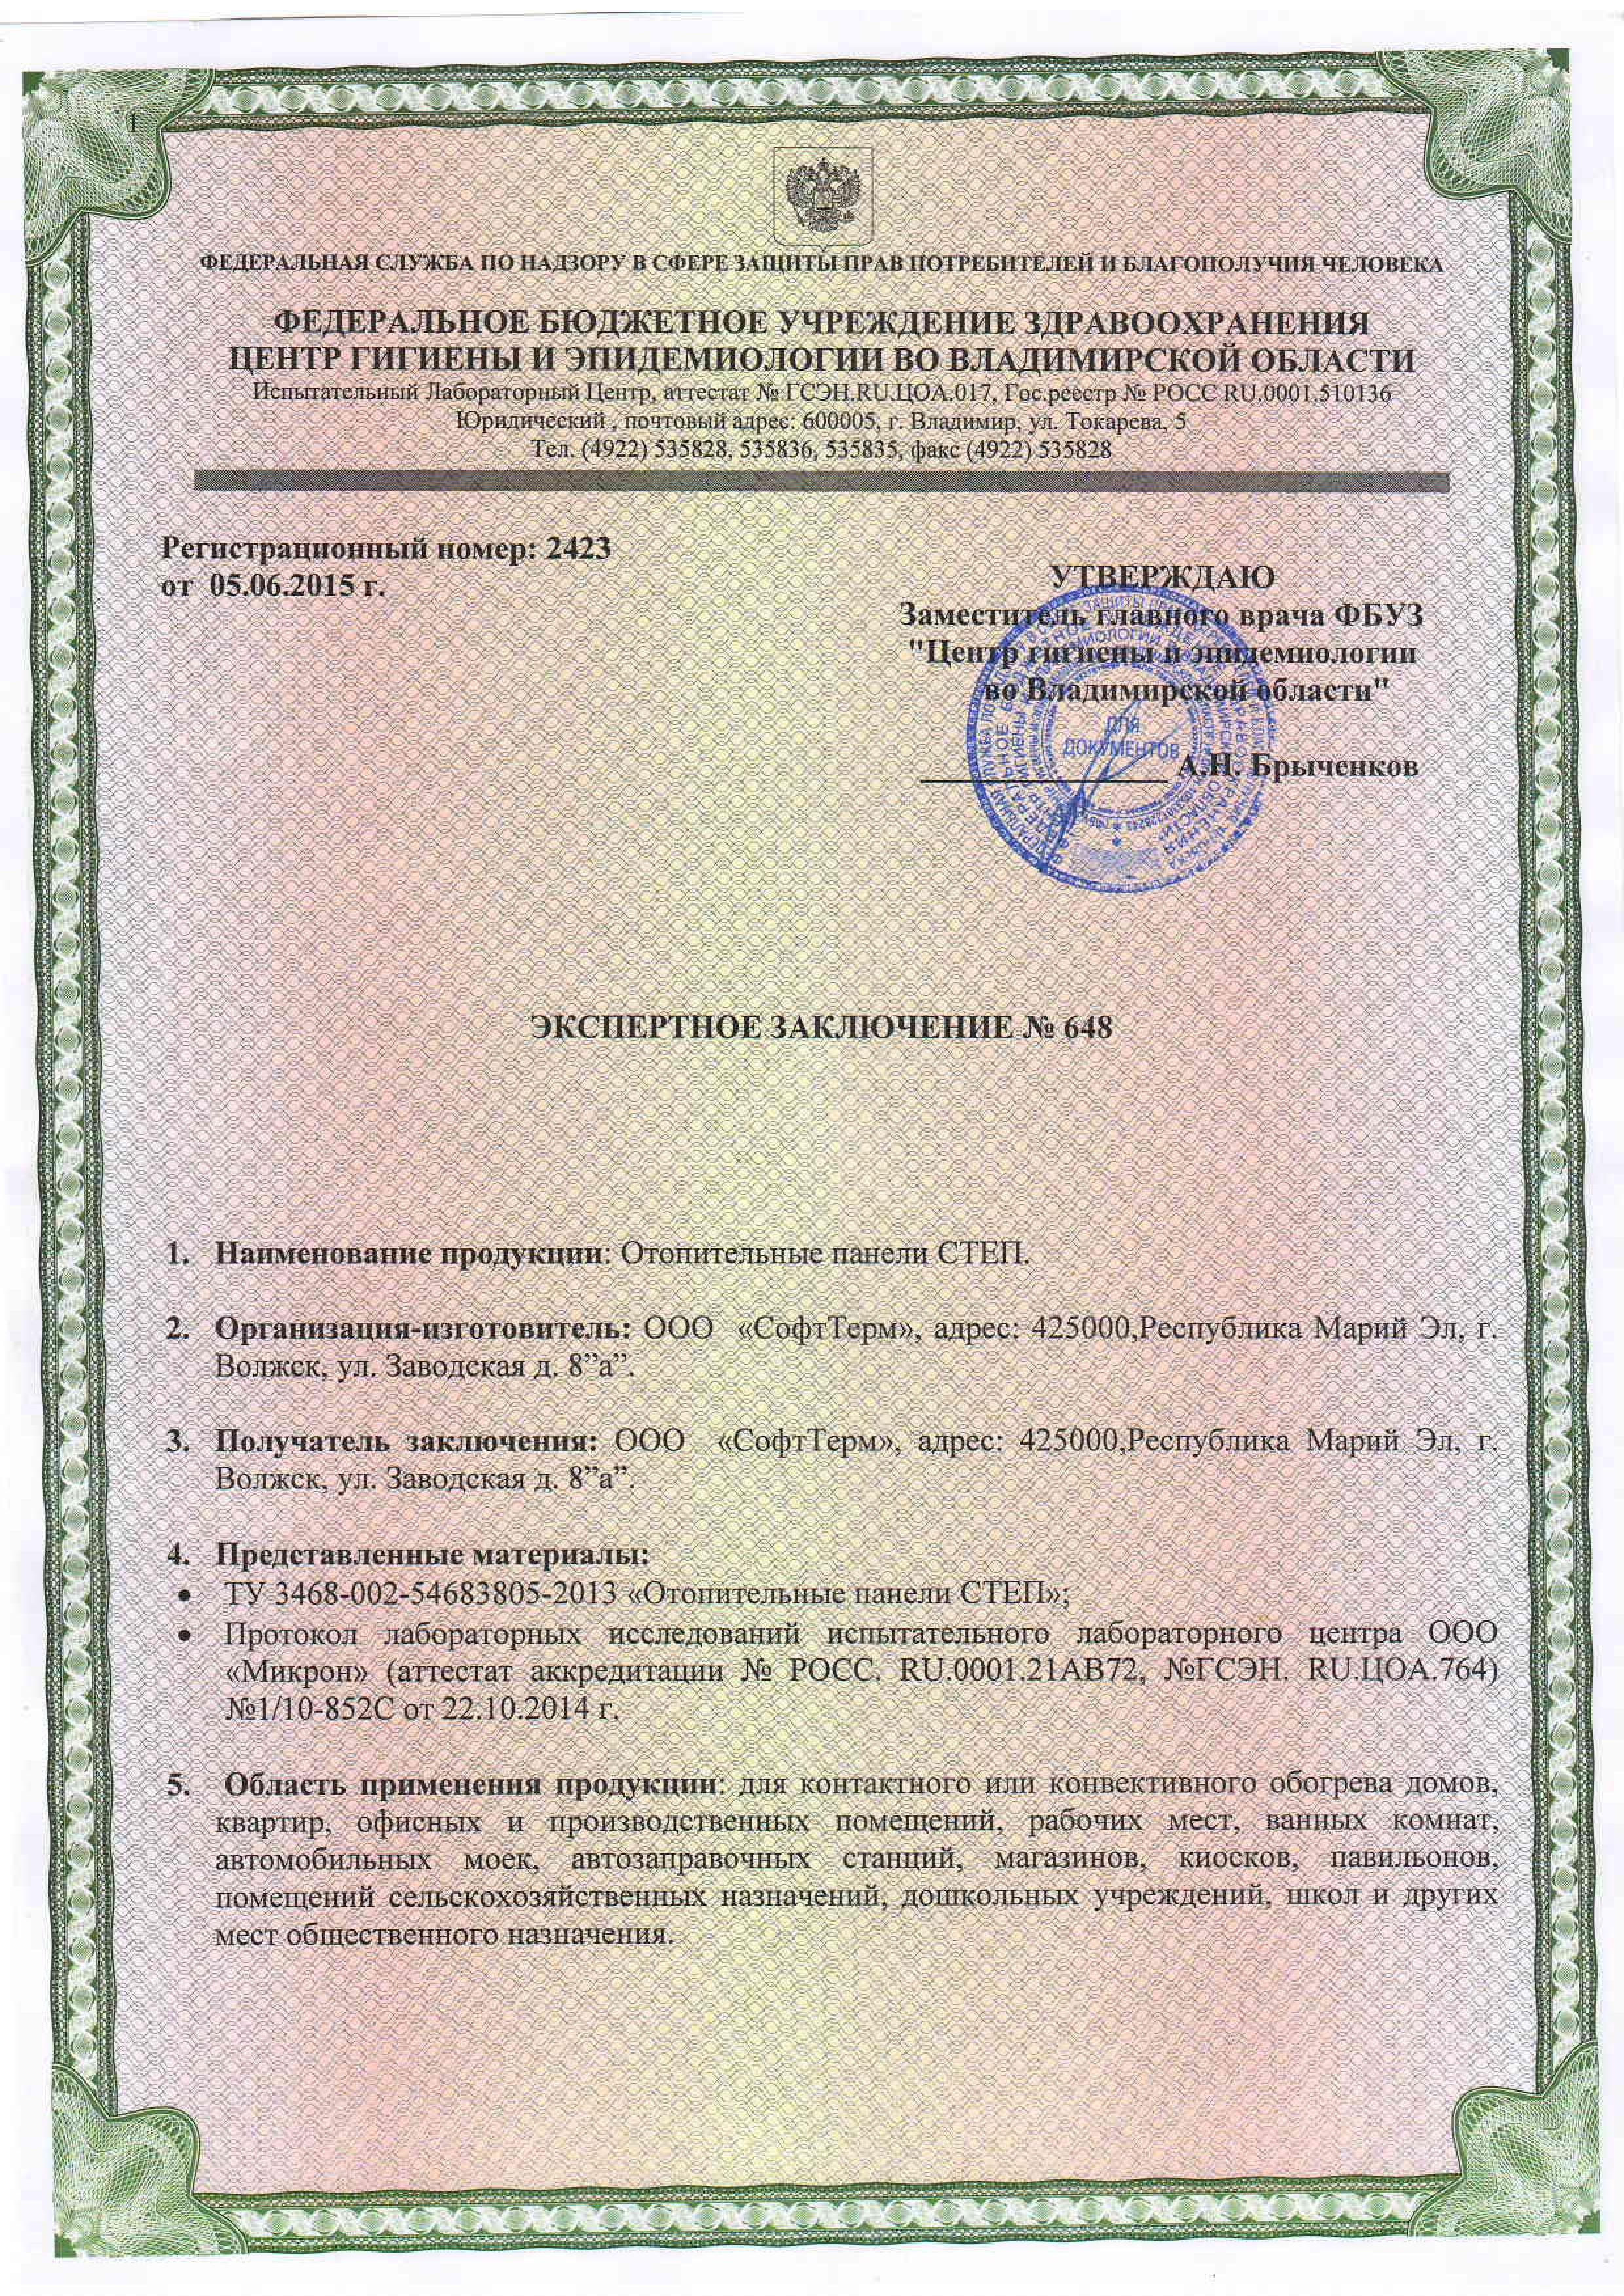 Сертификат качества на панели СТЕП